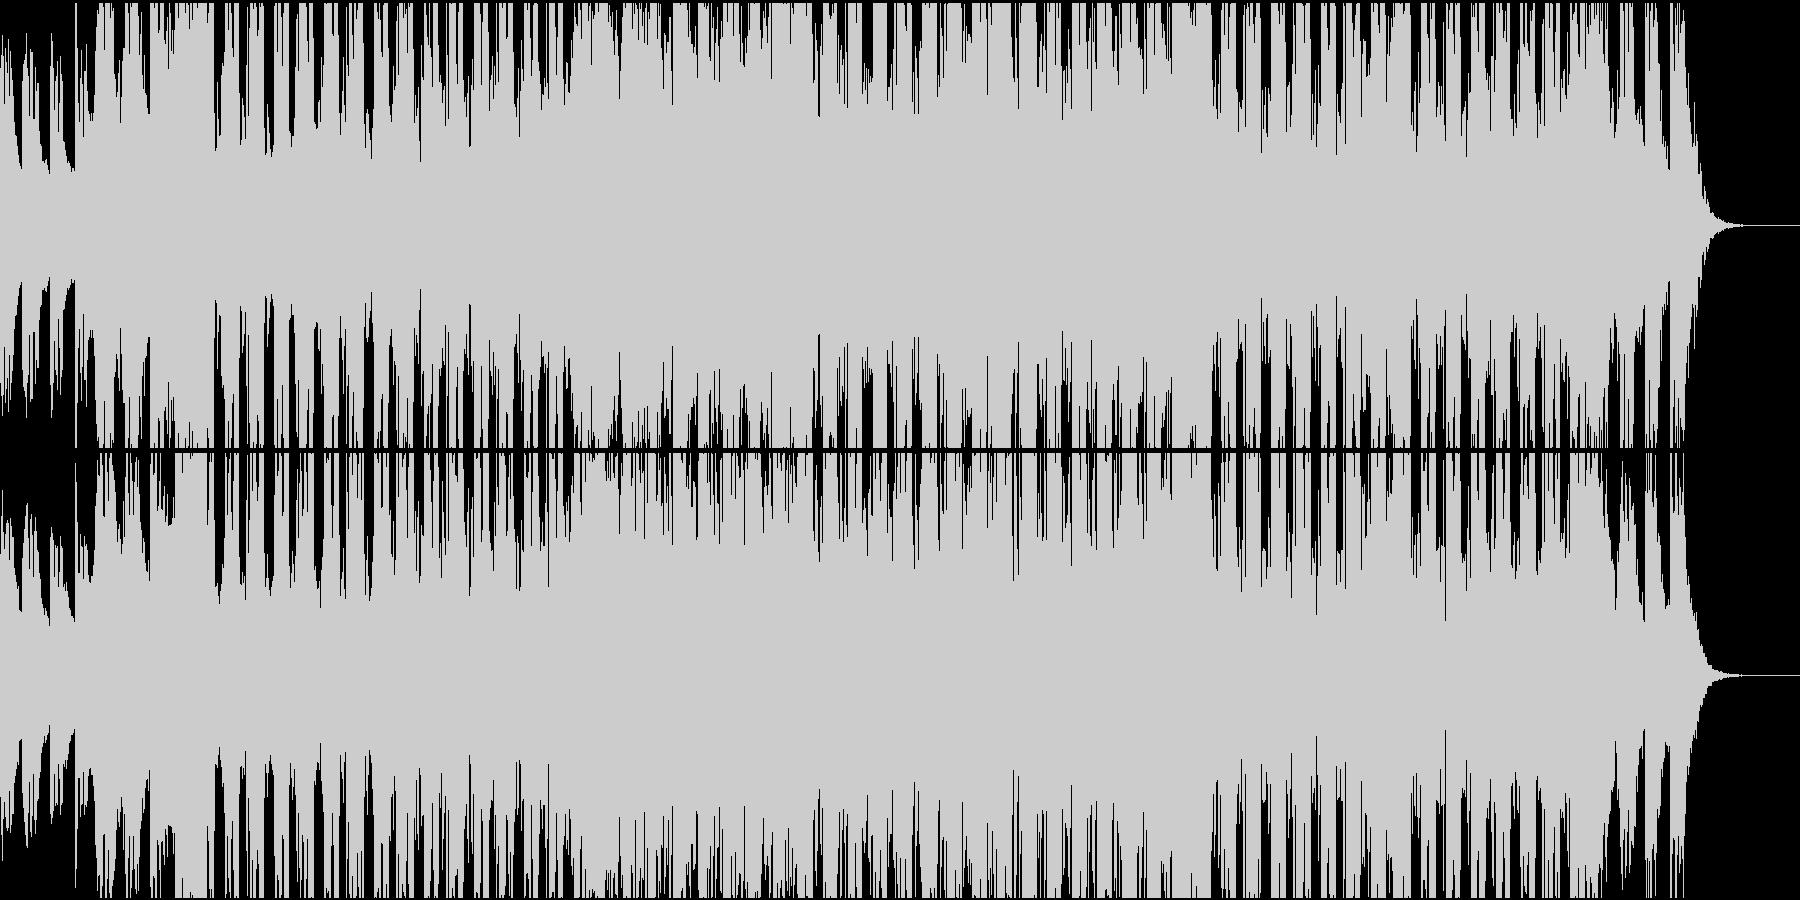 ポジティブなテック系の未再生の波形